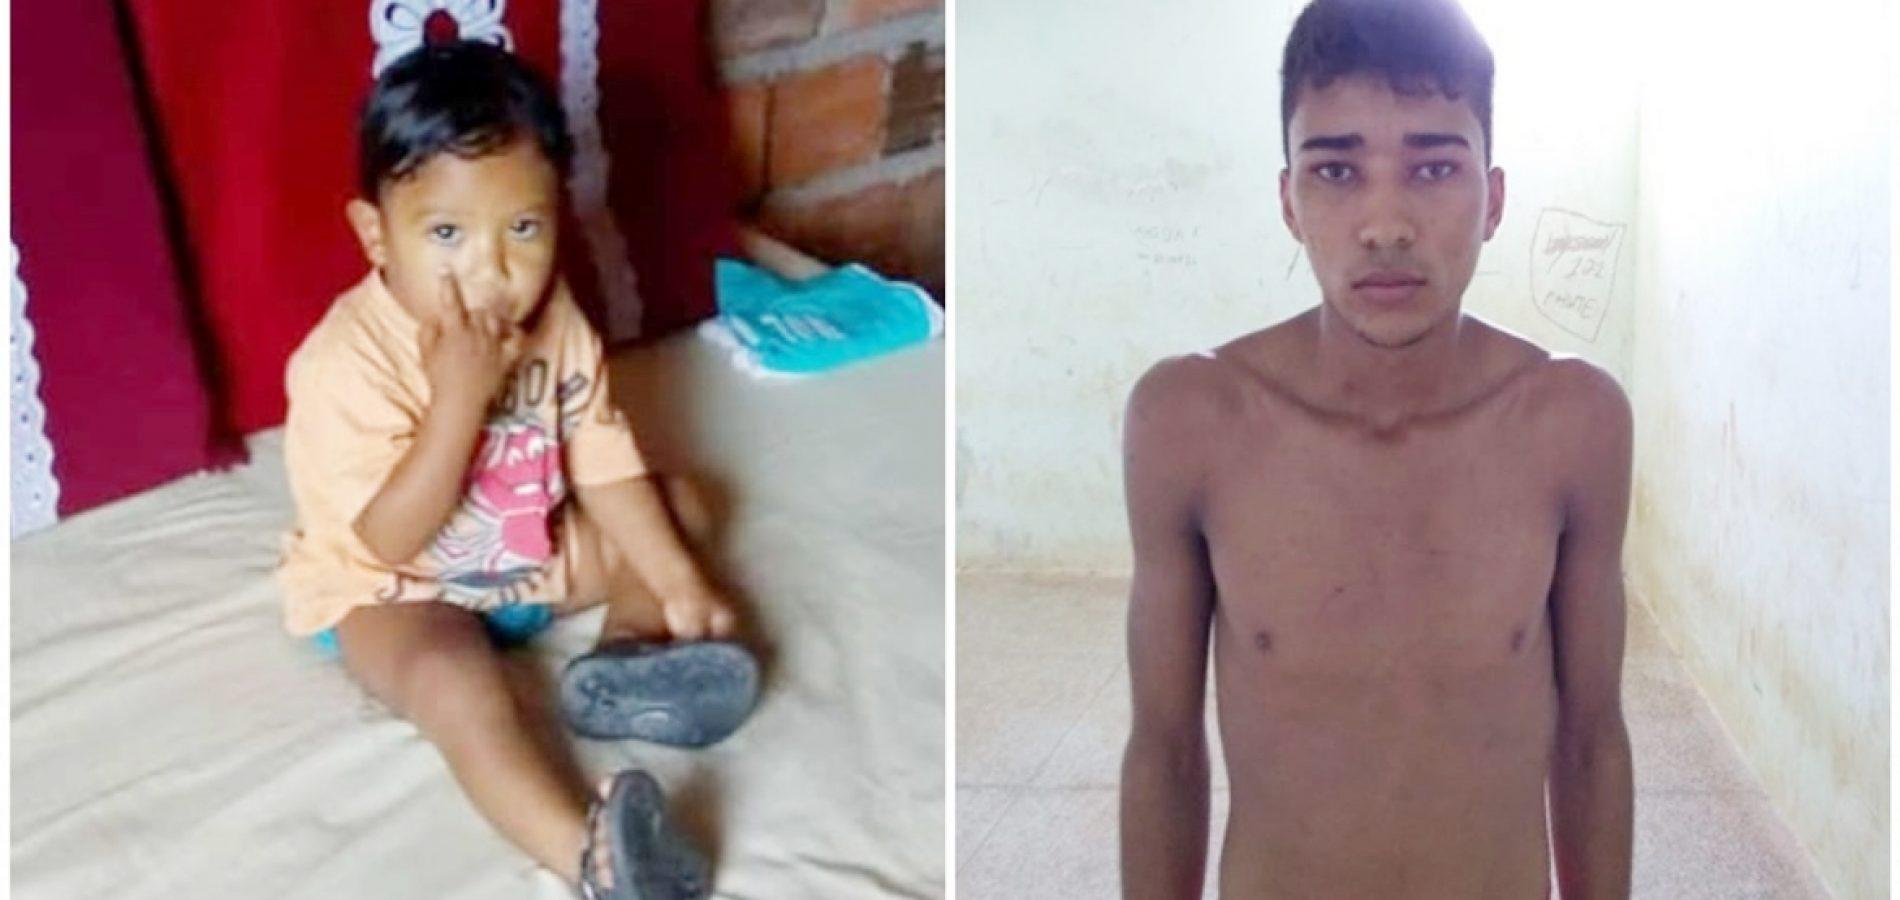 Pai matou filho arremessando ao chão por ciúmes, revela mãe em depoimento